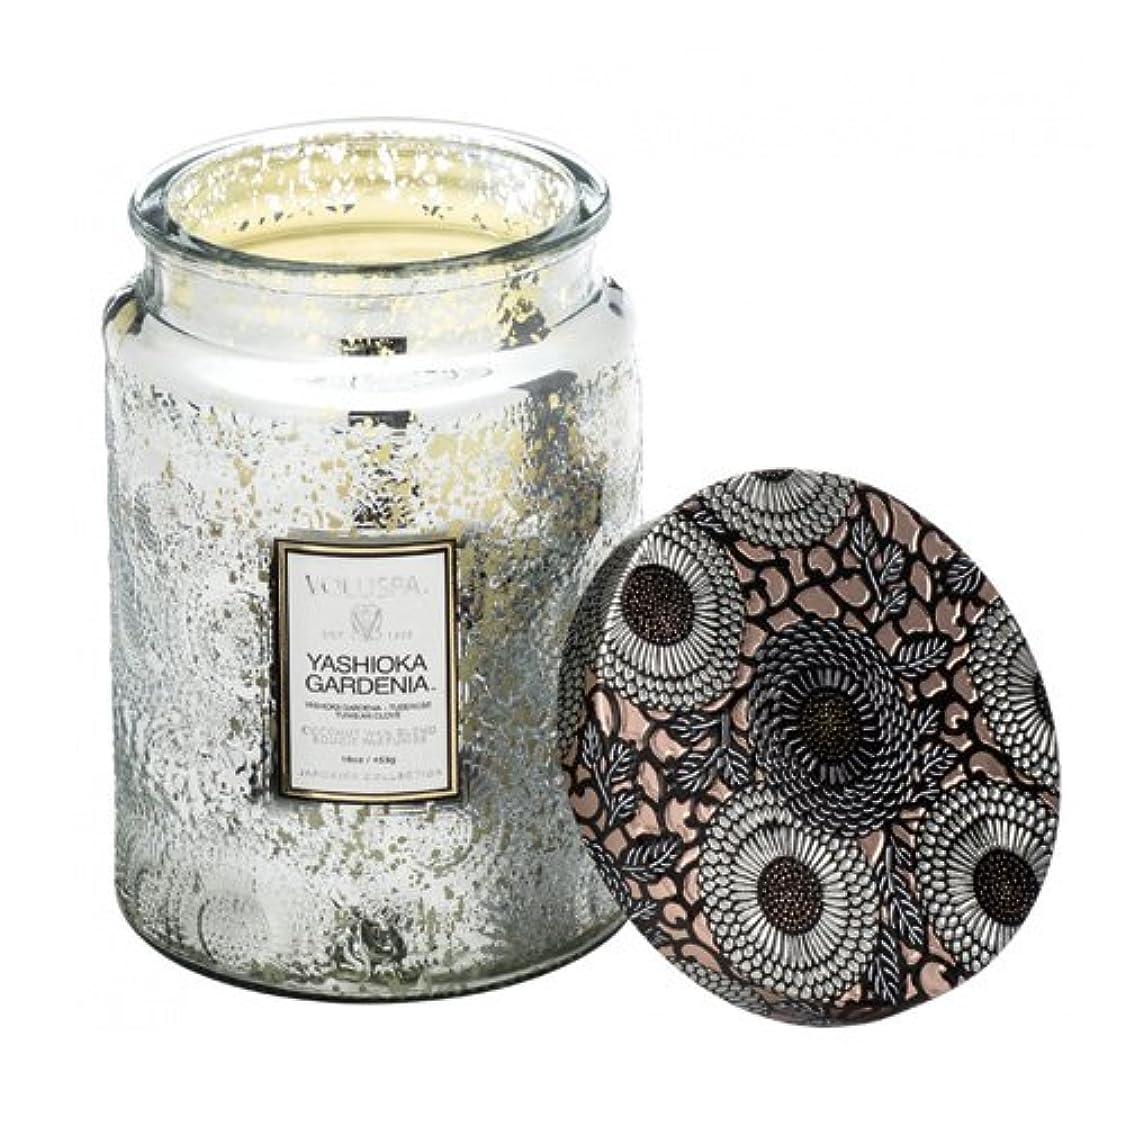 信頼性のある注意解明Voluspa ボルスパ ジャポニカ リミテッド グラスジャーキャンドル  L ヤシオカガーデニア YASHIOKA GARDENIA JAPONICA Limited LARGE EMBOSSED Glass jar candle